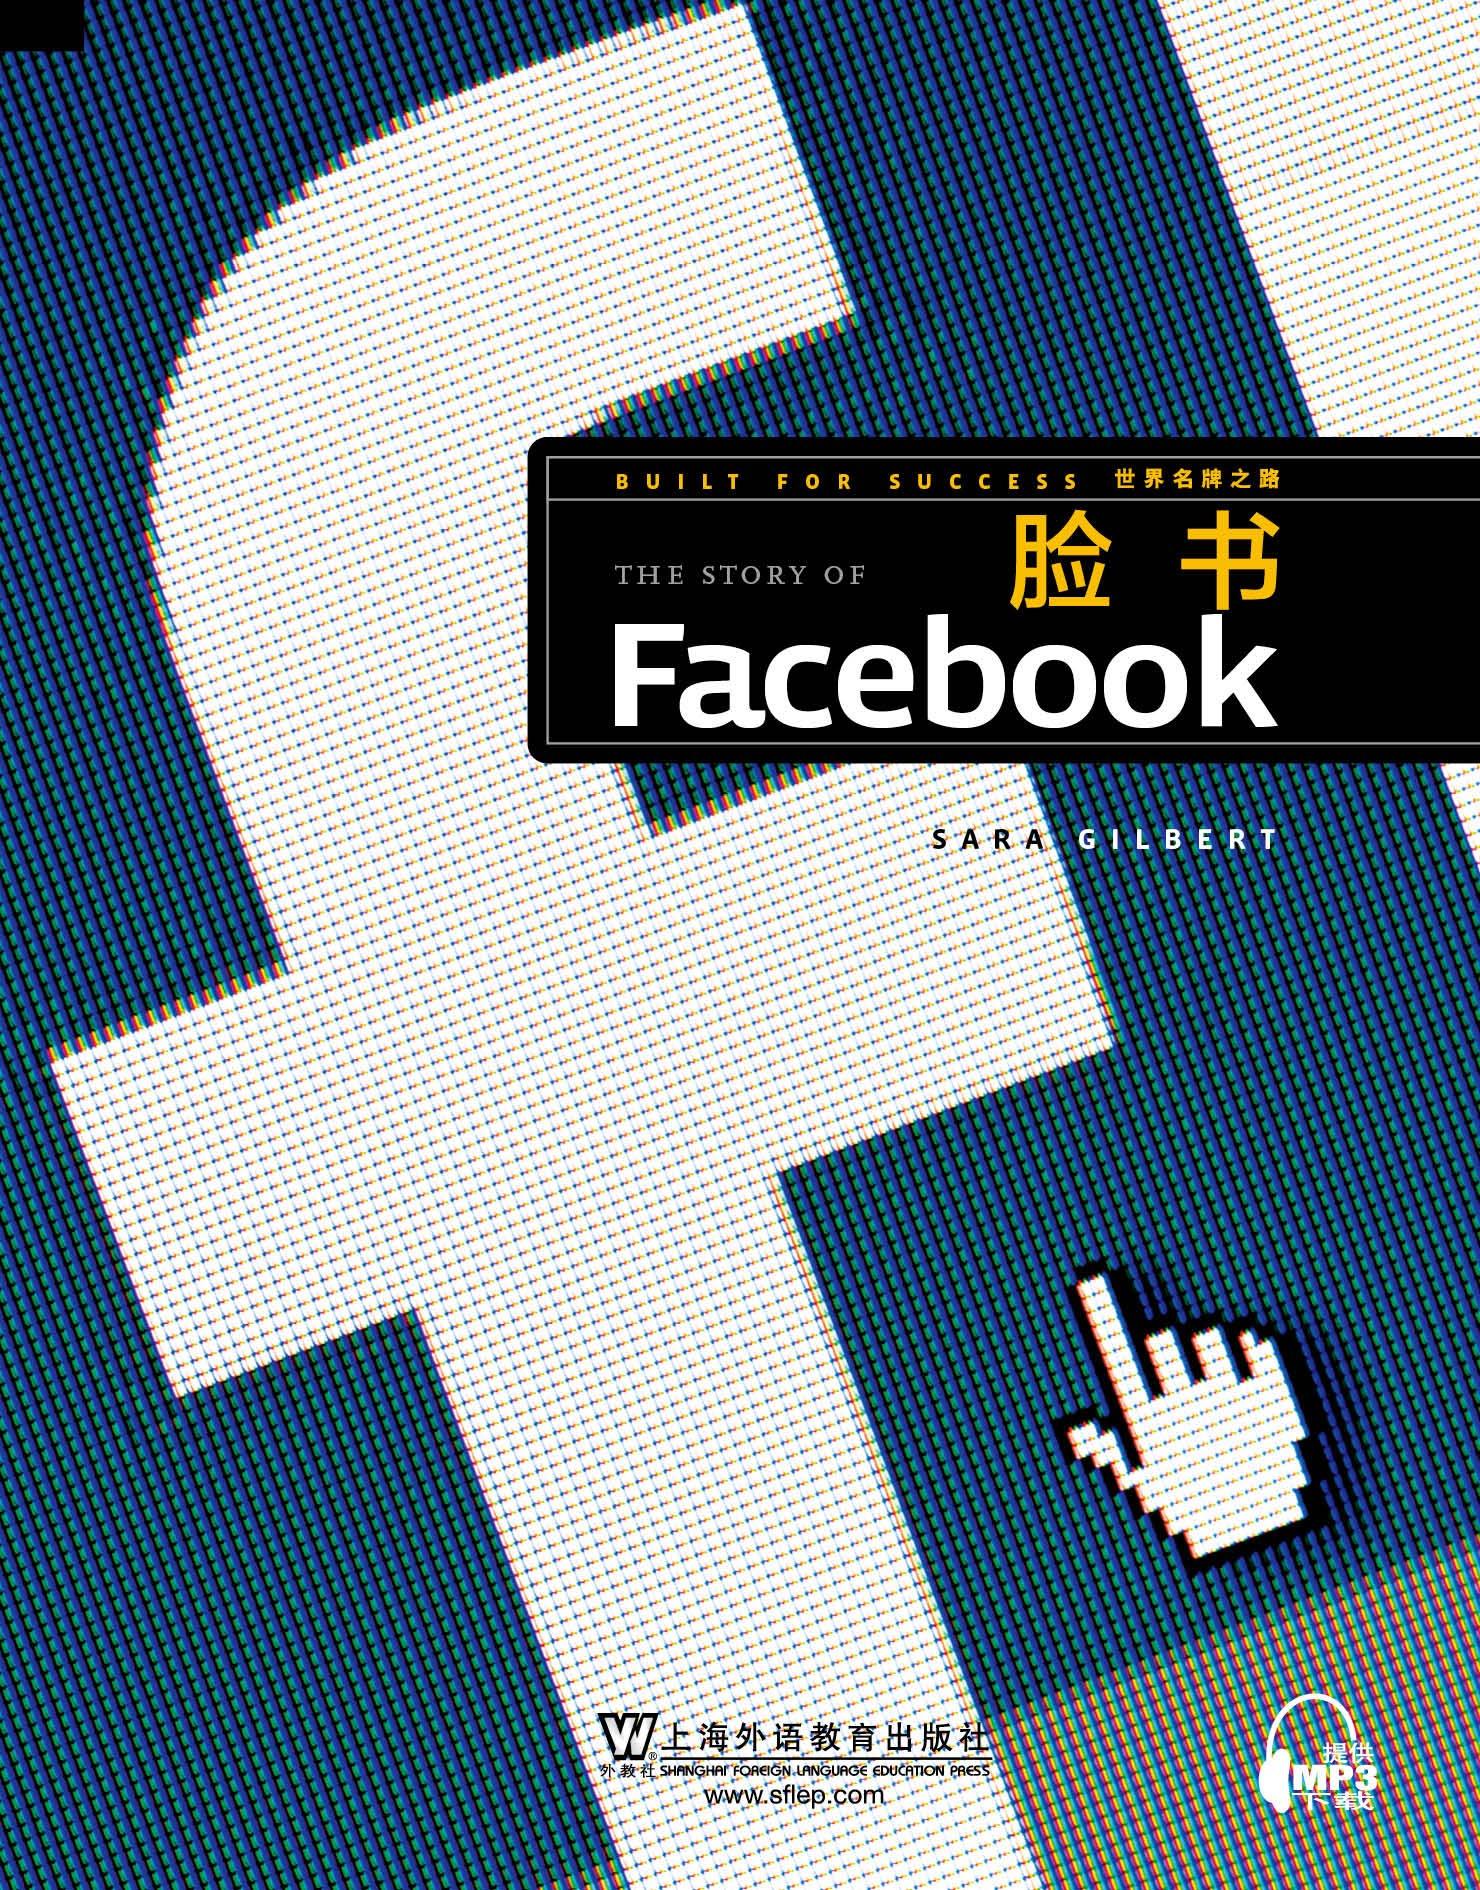 世界名牌之路:脸书(附mp3下载)